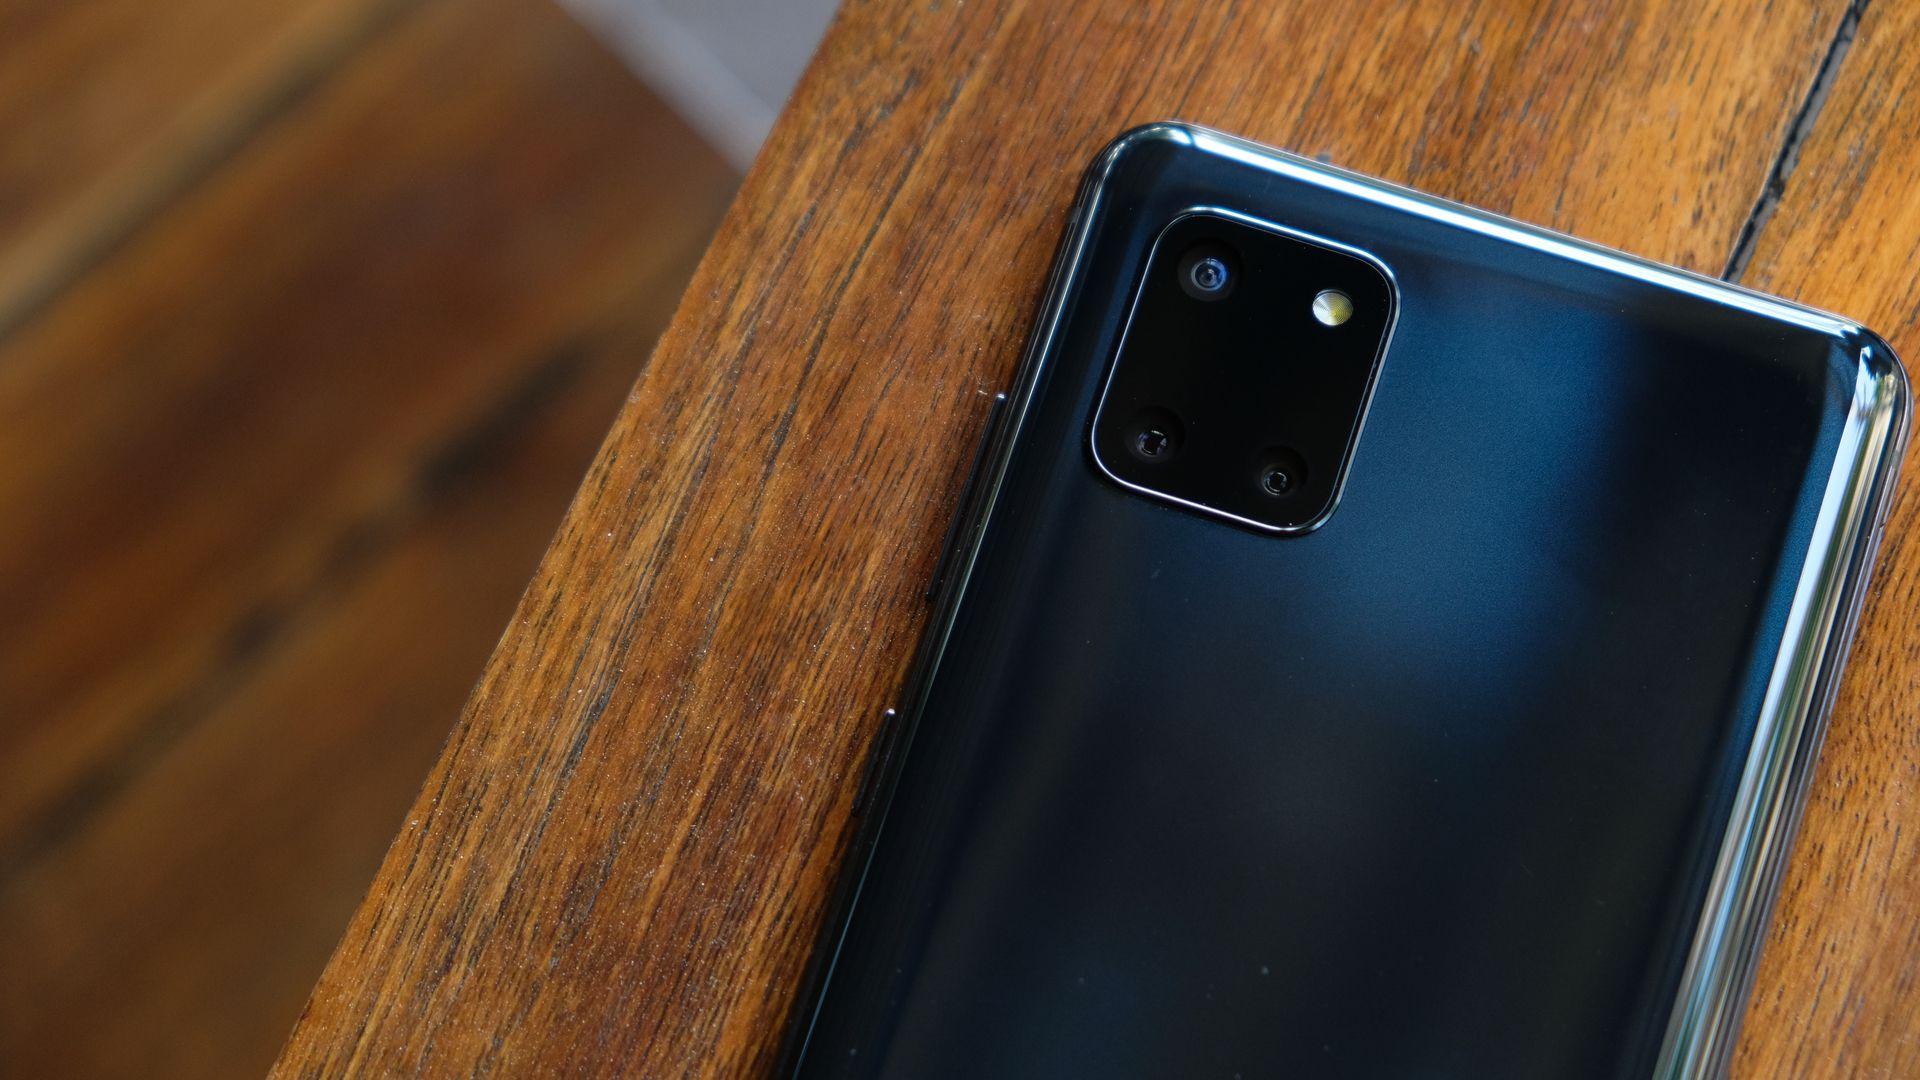 Câmeras traseiras do Galaxy Note 10 Lite. (Imagem: Framesira/Shutterstock)